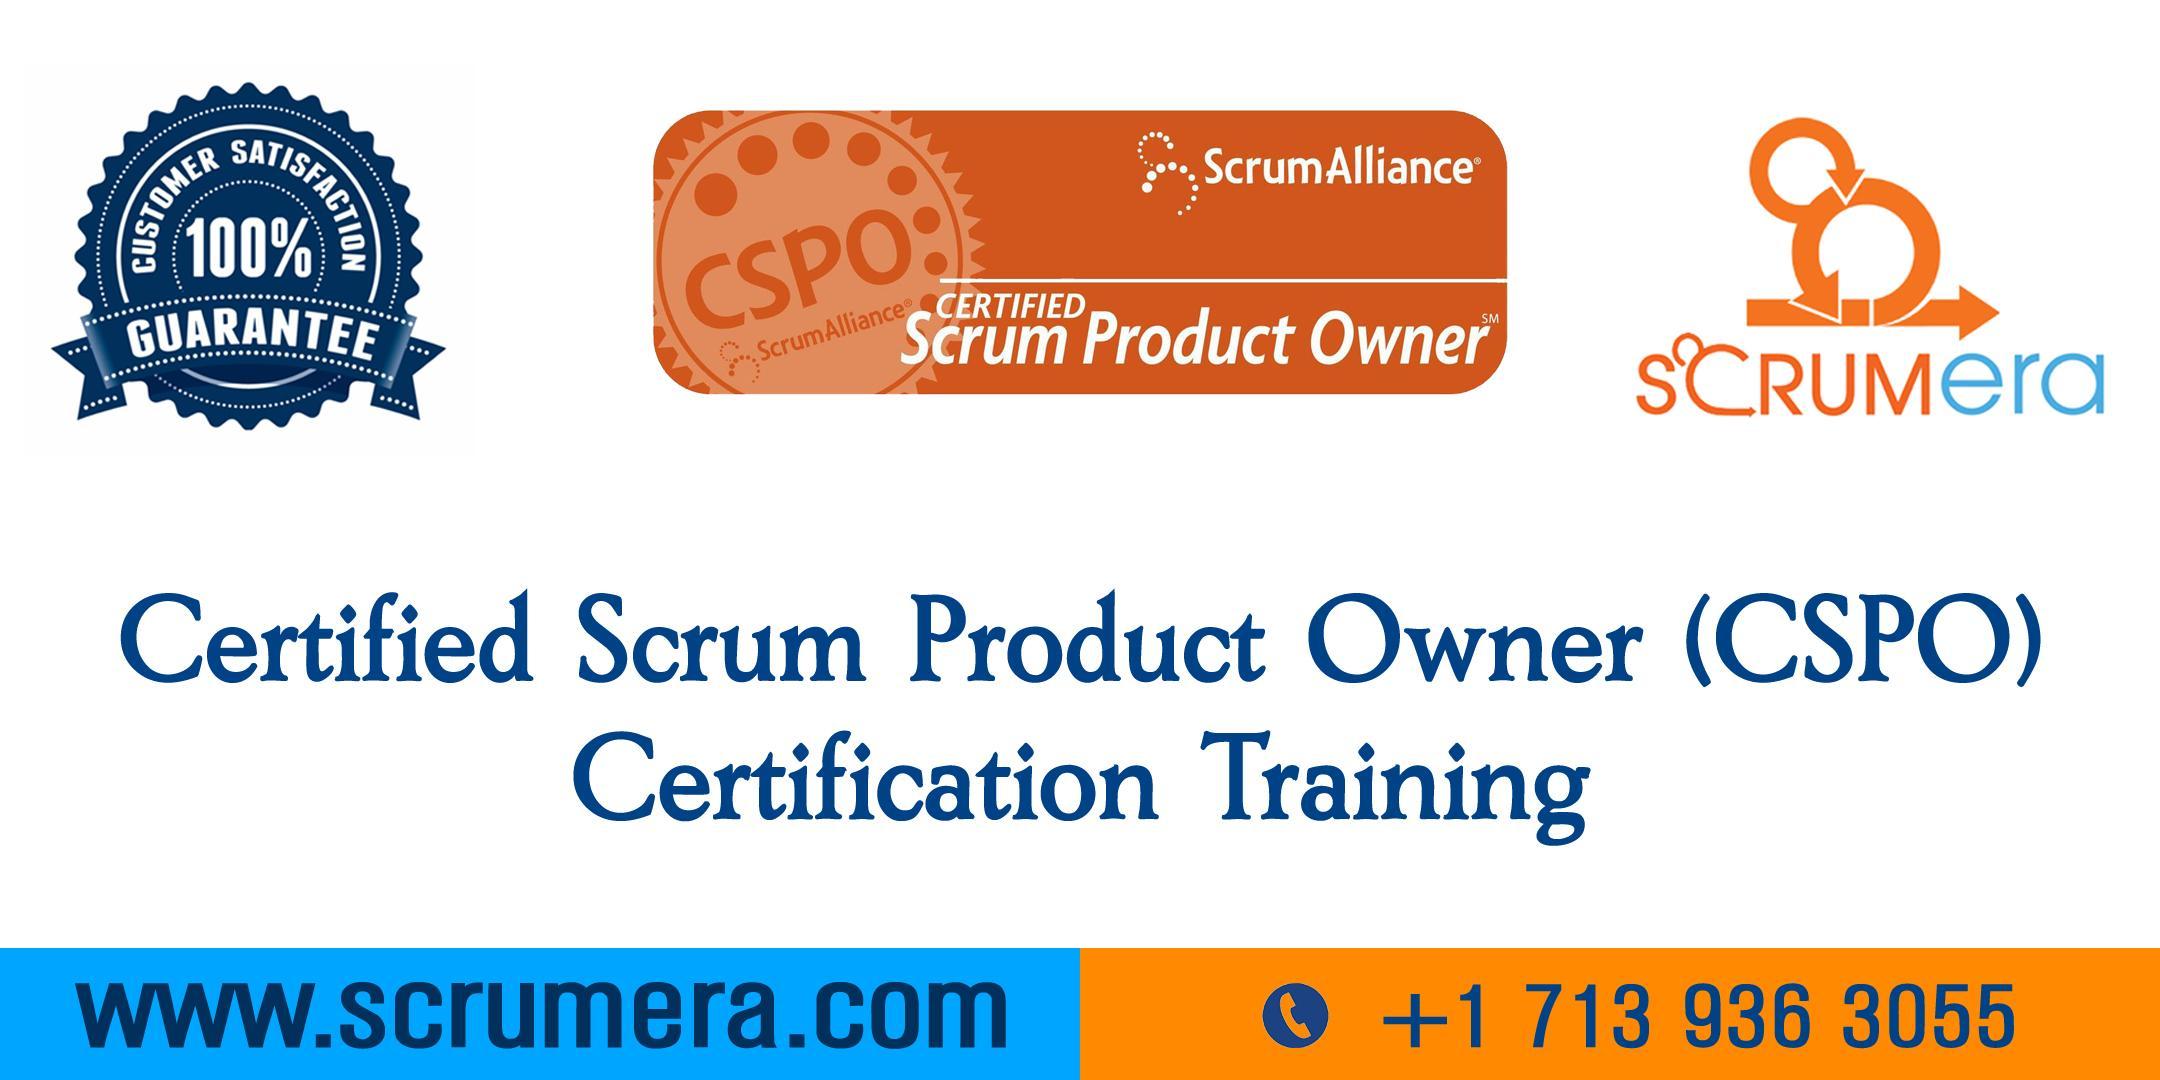 Certified Scrum Product Owner (CSPO) Certification | CSPO Training | CSPO Certification Workshop | Certified Scrum Product Owner (CSPO) Training in Torrance, CA | ScrumERA